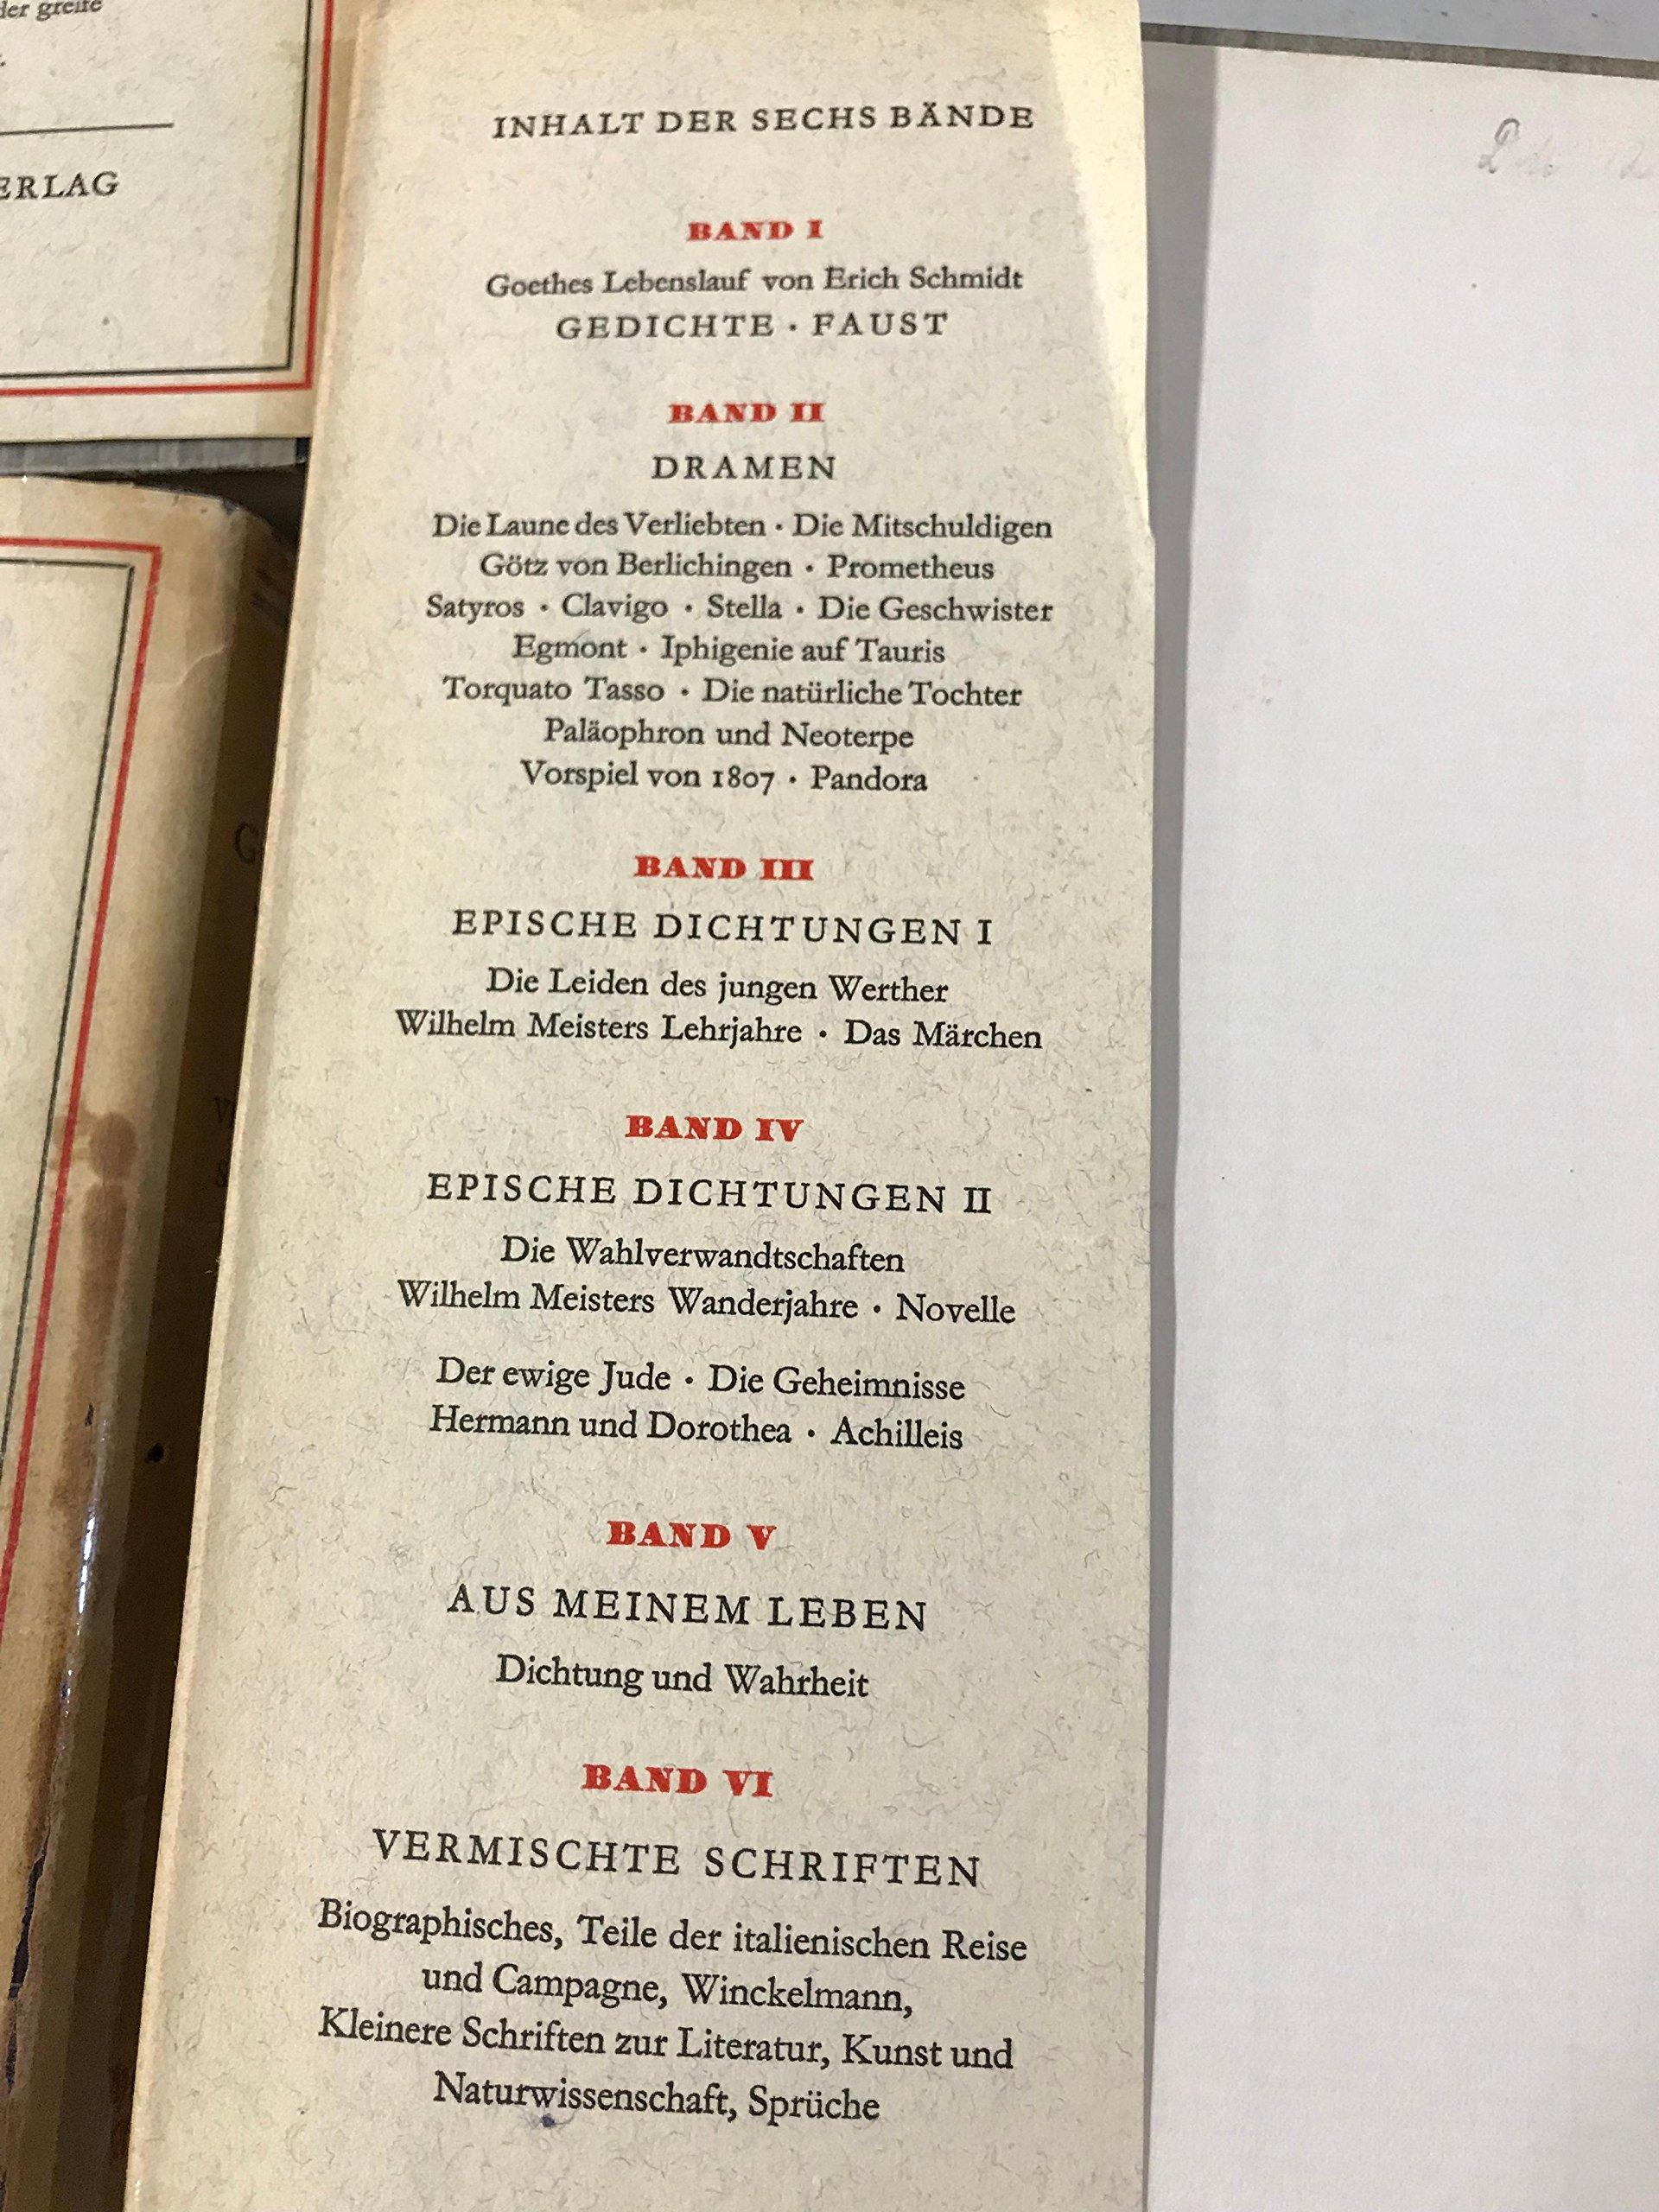 Goethes Werke in sechs Bänden: Band 1: Gedichte-Faust / 2. Dramen / 3:  Romane-Novellen-Epische Dichtungen / 4: Wilhelm Meister / 5: Dichtung und  Wahrheit ...